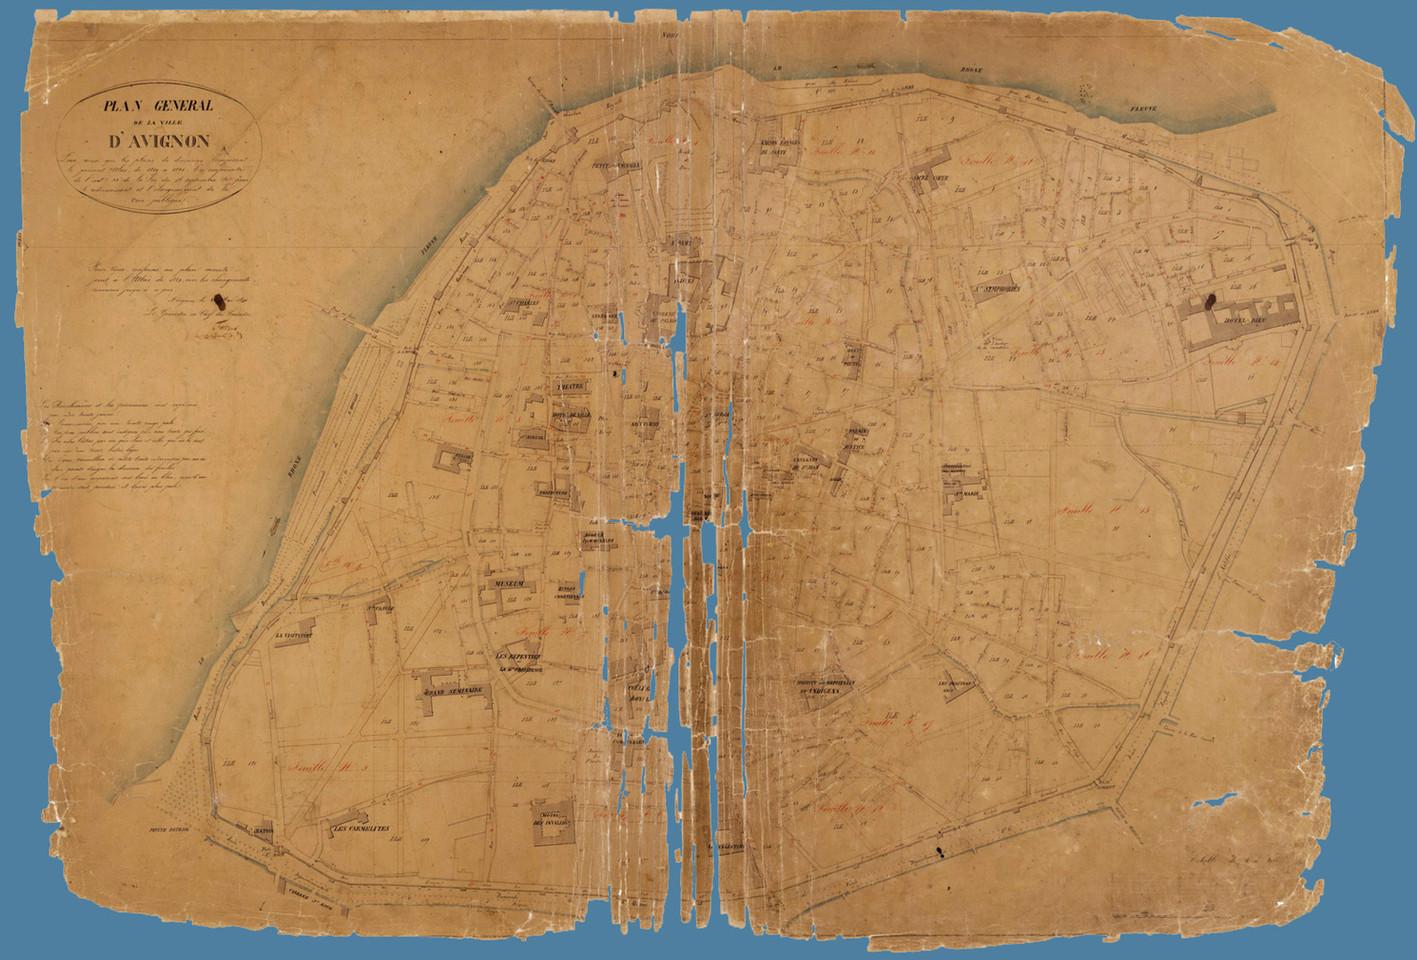 1840 – Plan général d'alignement